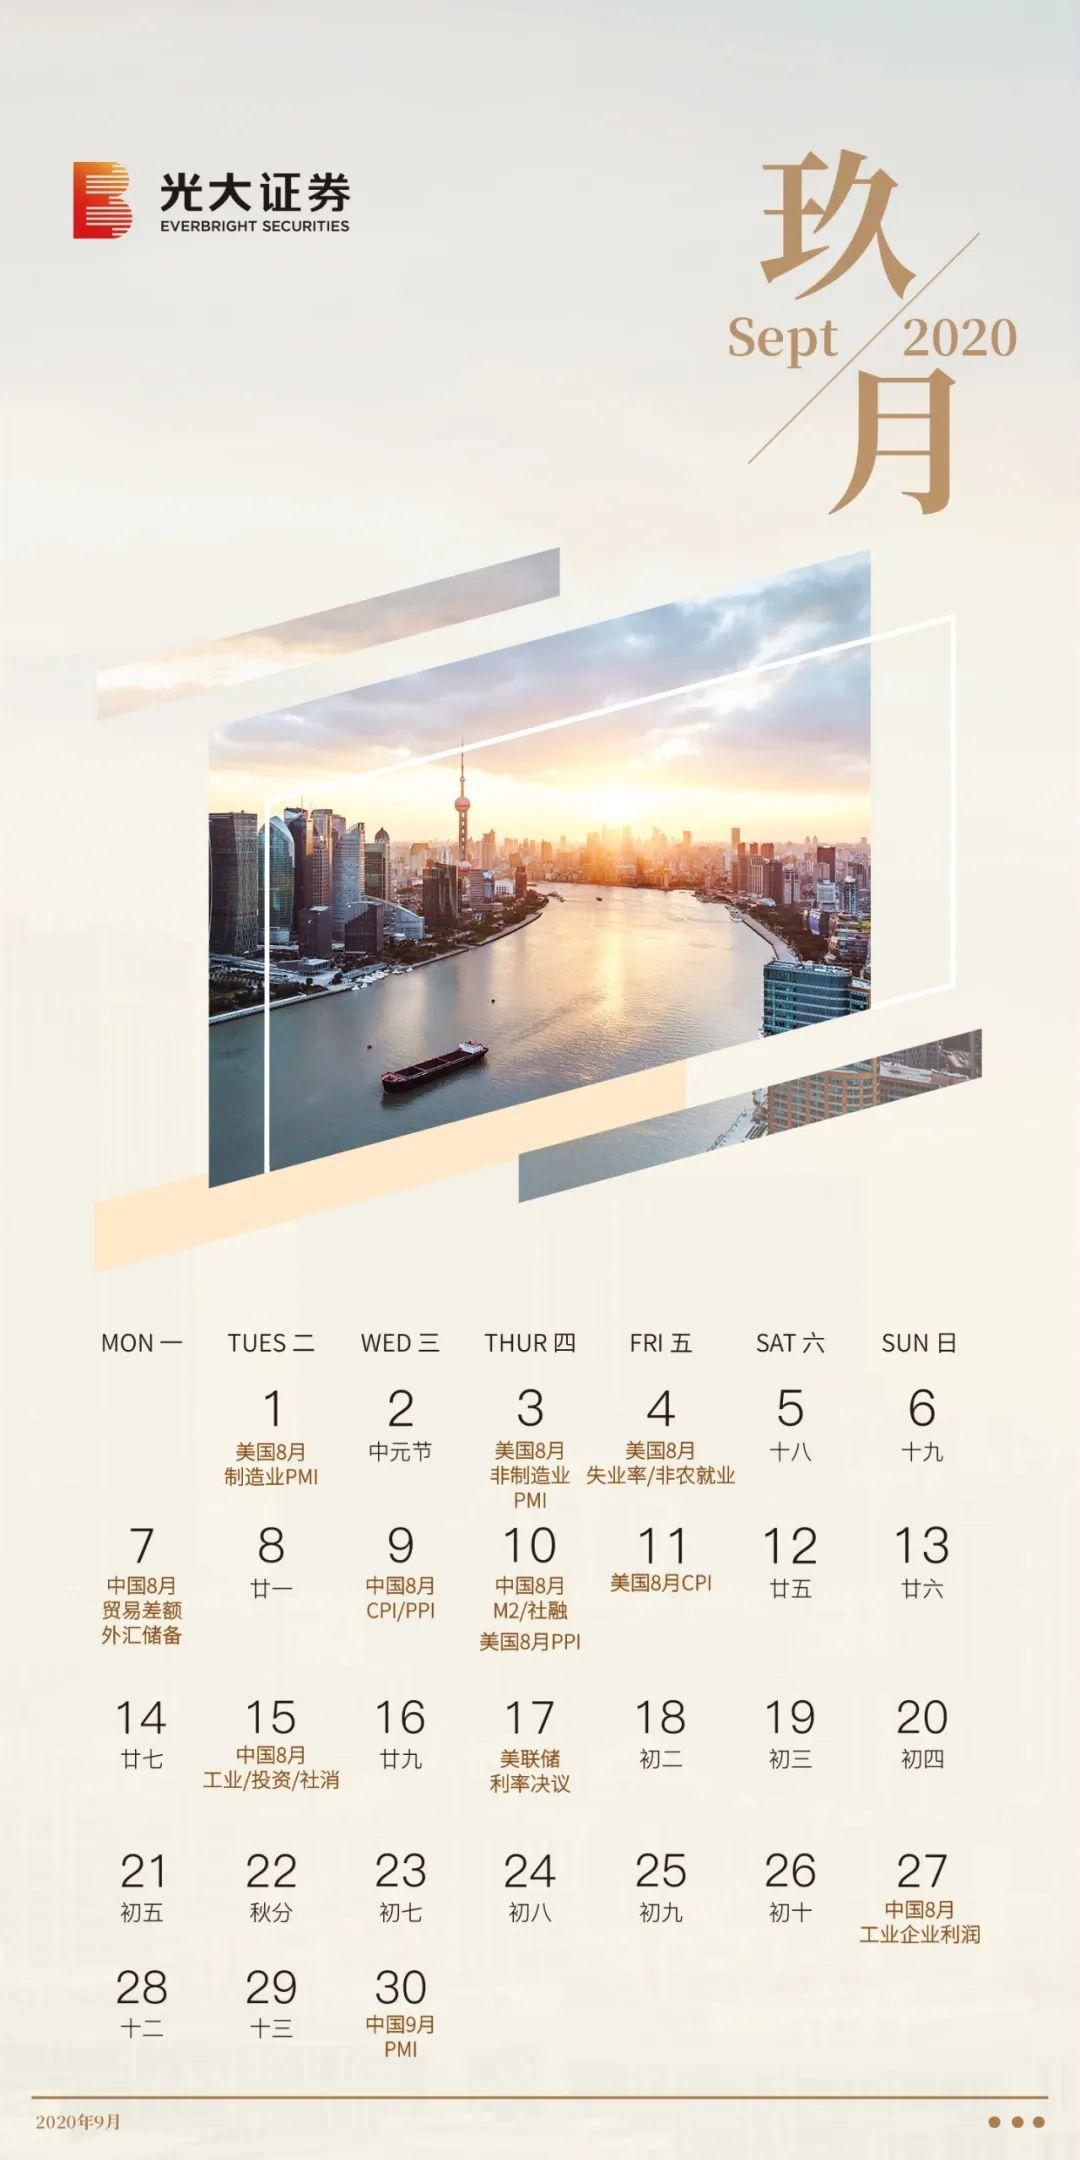 【财经月历】光大证券9月重点经济数据备忘录